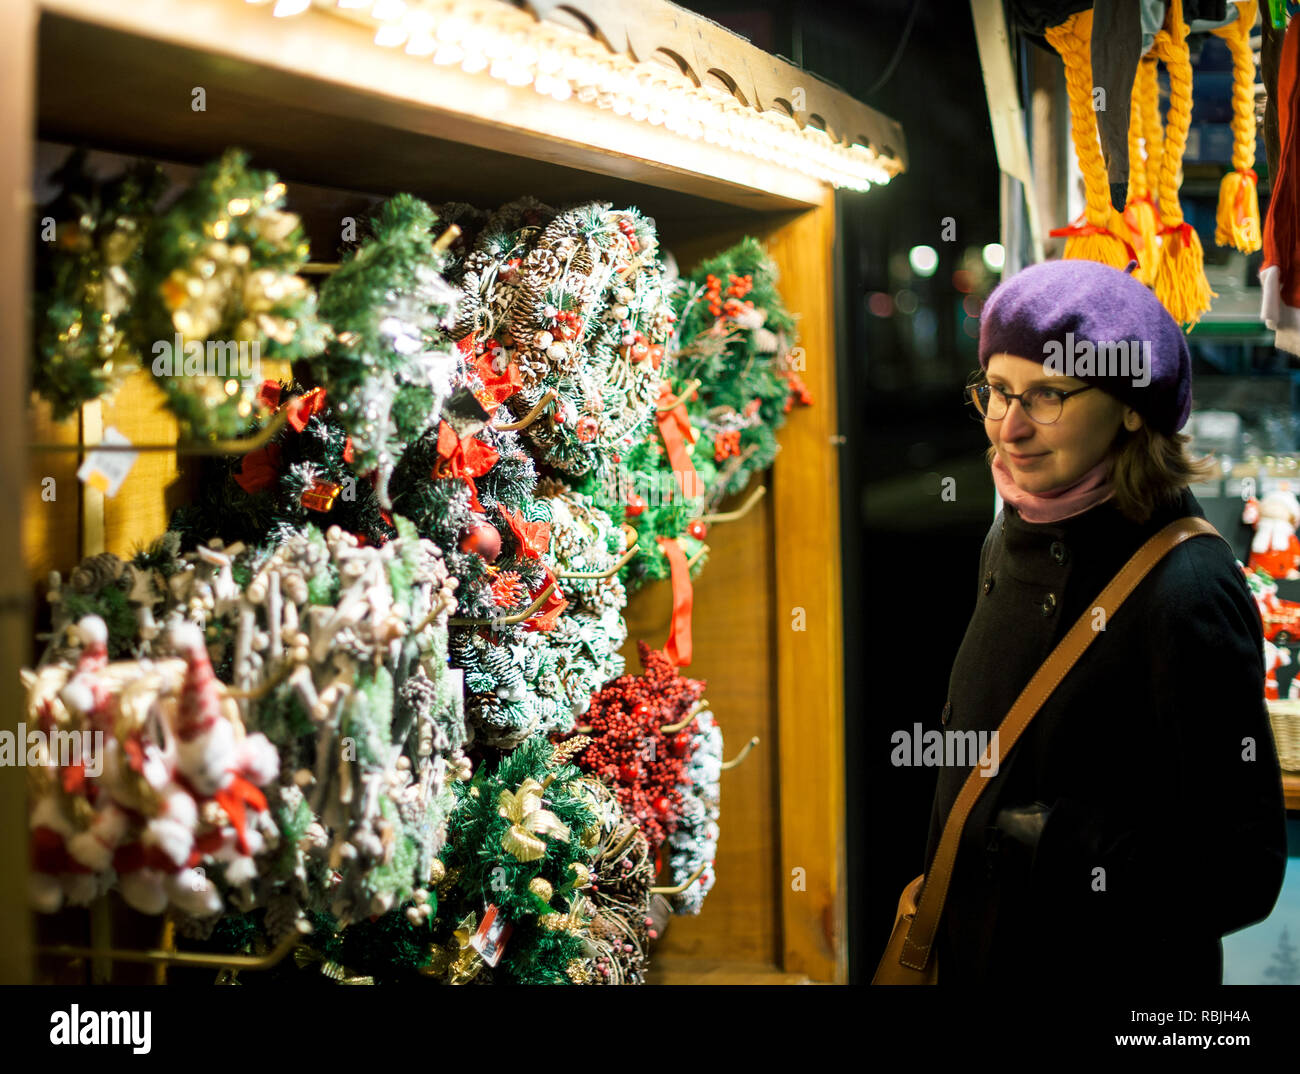 Der Weihnachten.Schöne Französische Frau Bekleidet Und Trendige Mode Barett Hut Der